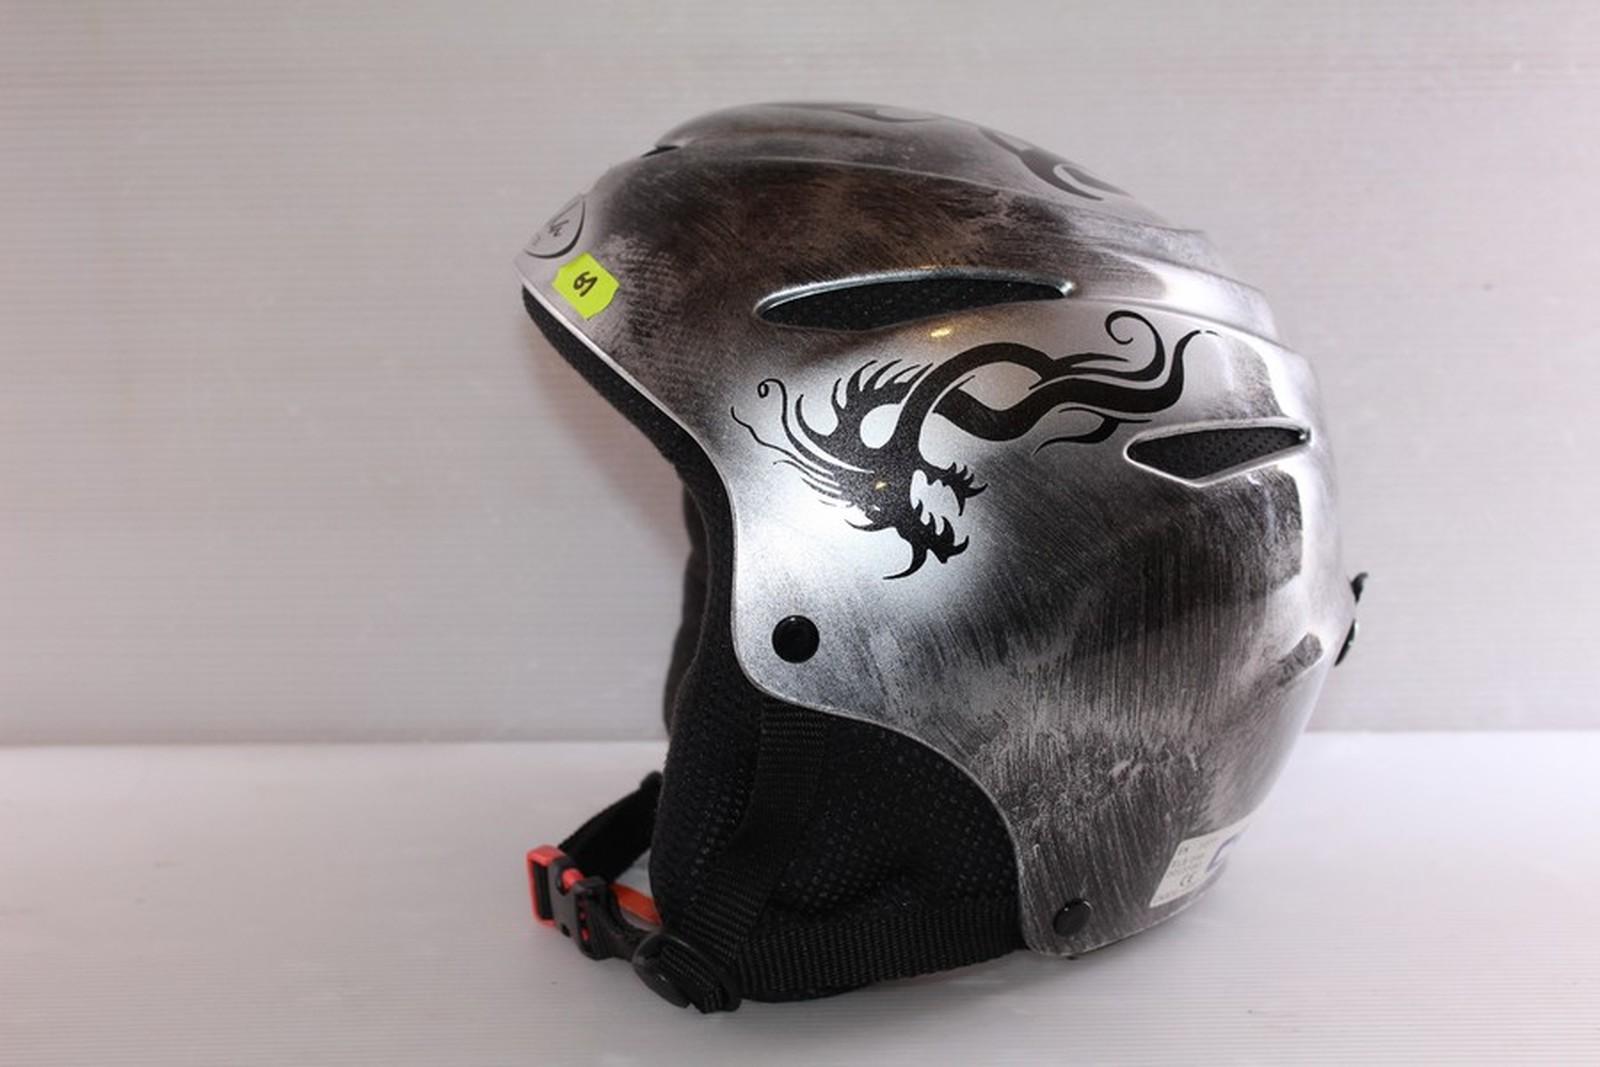 Dámská lyžařská helma Mivida X-style tatoo vel. 61